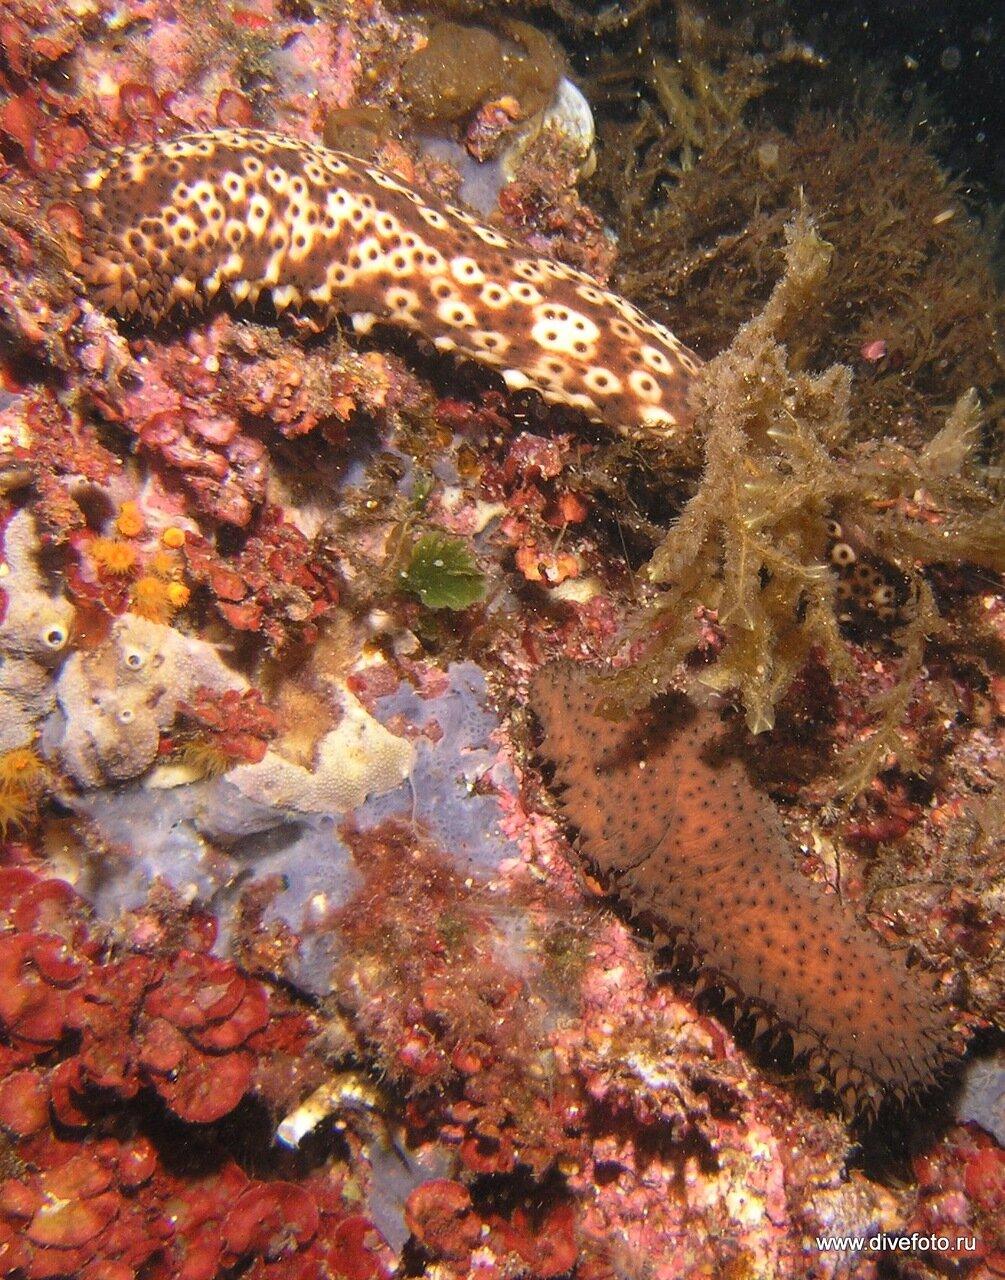 Морские огурцы. Средиземное море. фото